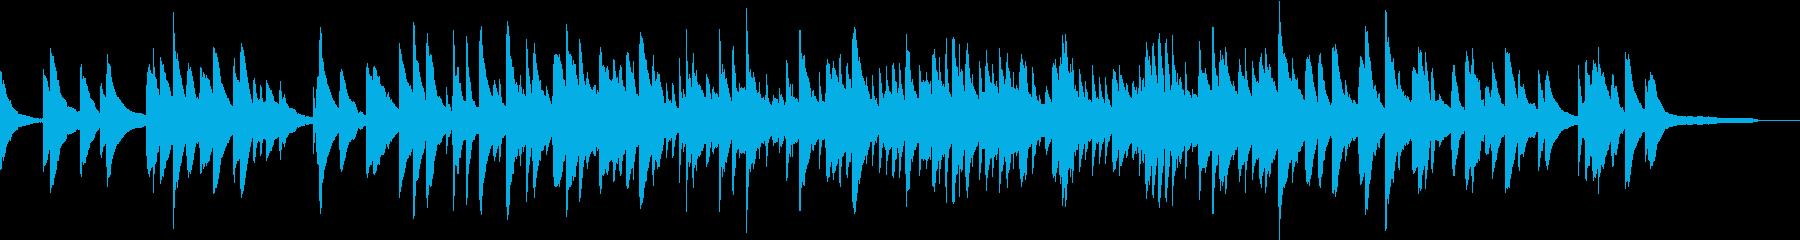 しっとり癒される優しいピアノソロの再生済みの波形